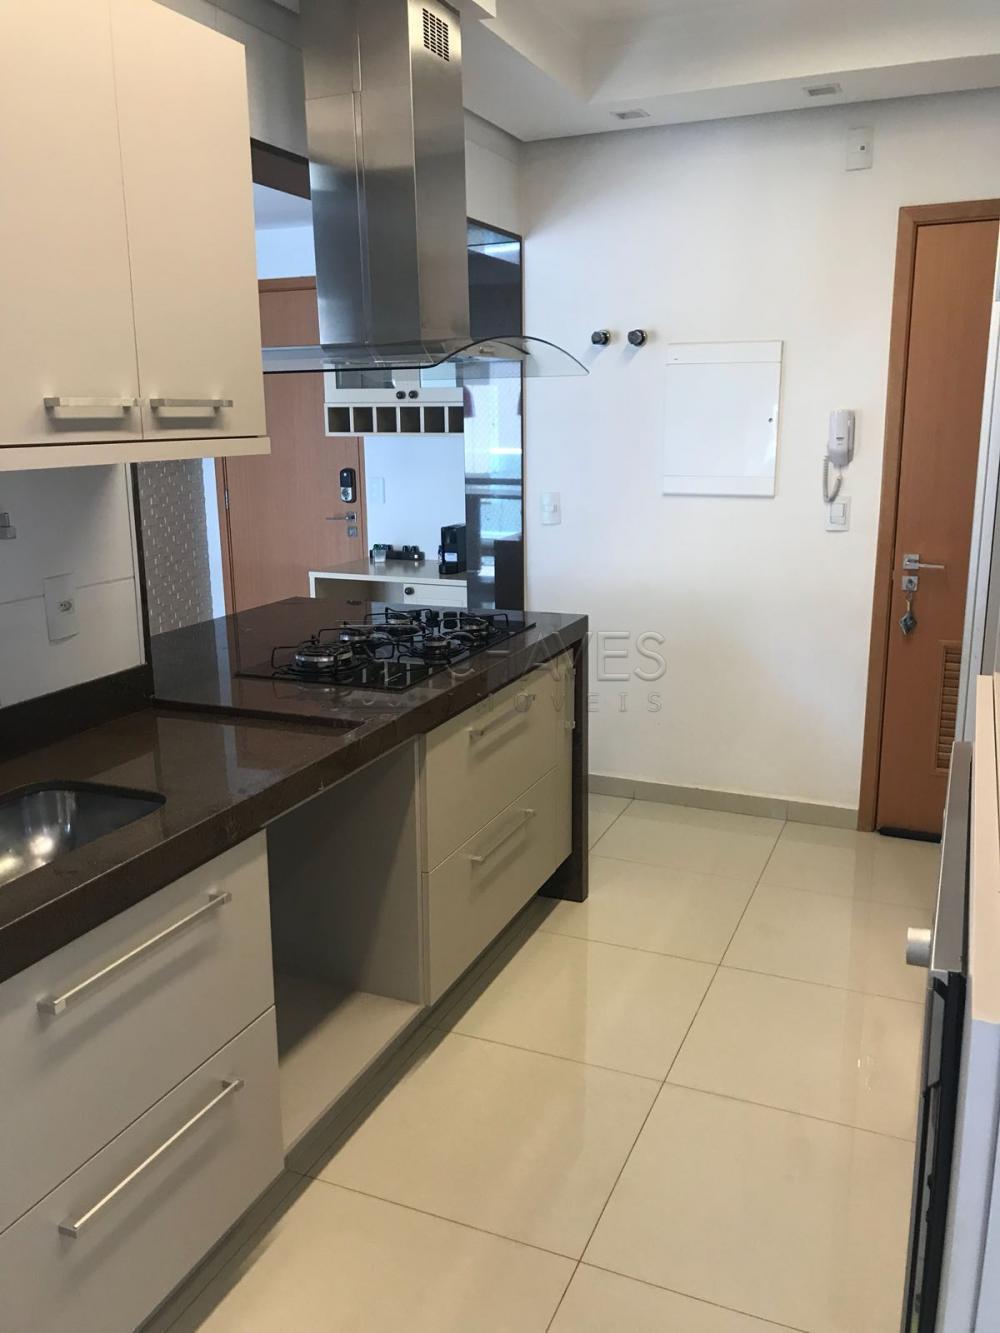 Comprar Apartamento / Padrão em Ribeirão Preto apenas R$ 720.000,00 - Foto 5